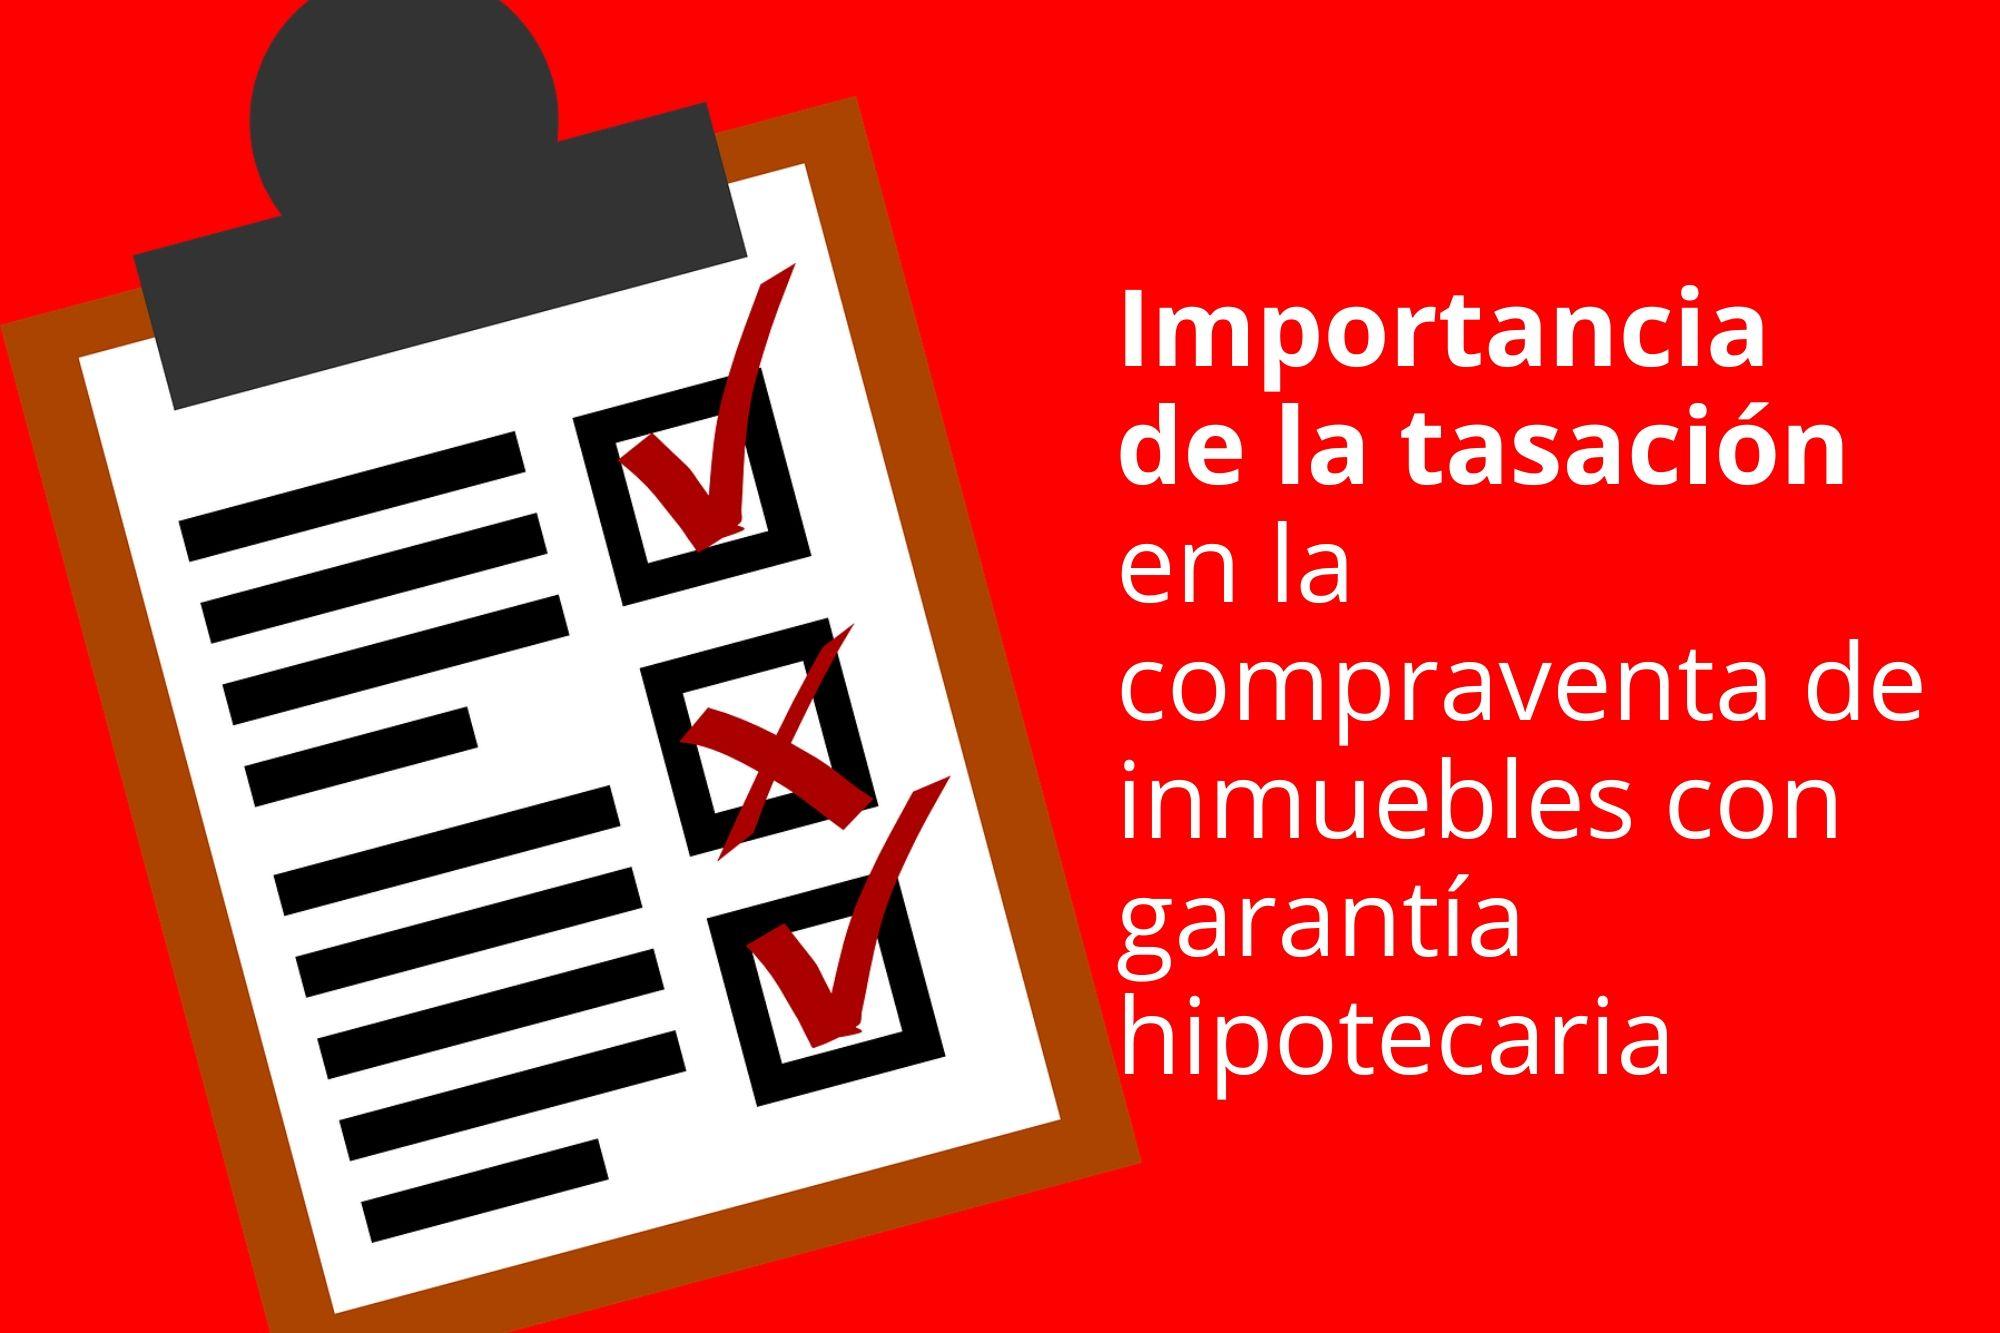 La Importancia De La Tasación En La Compraventa De Inmuebles Con Garantía Hipotecaria